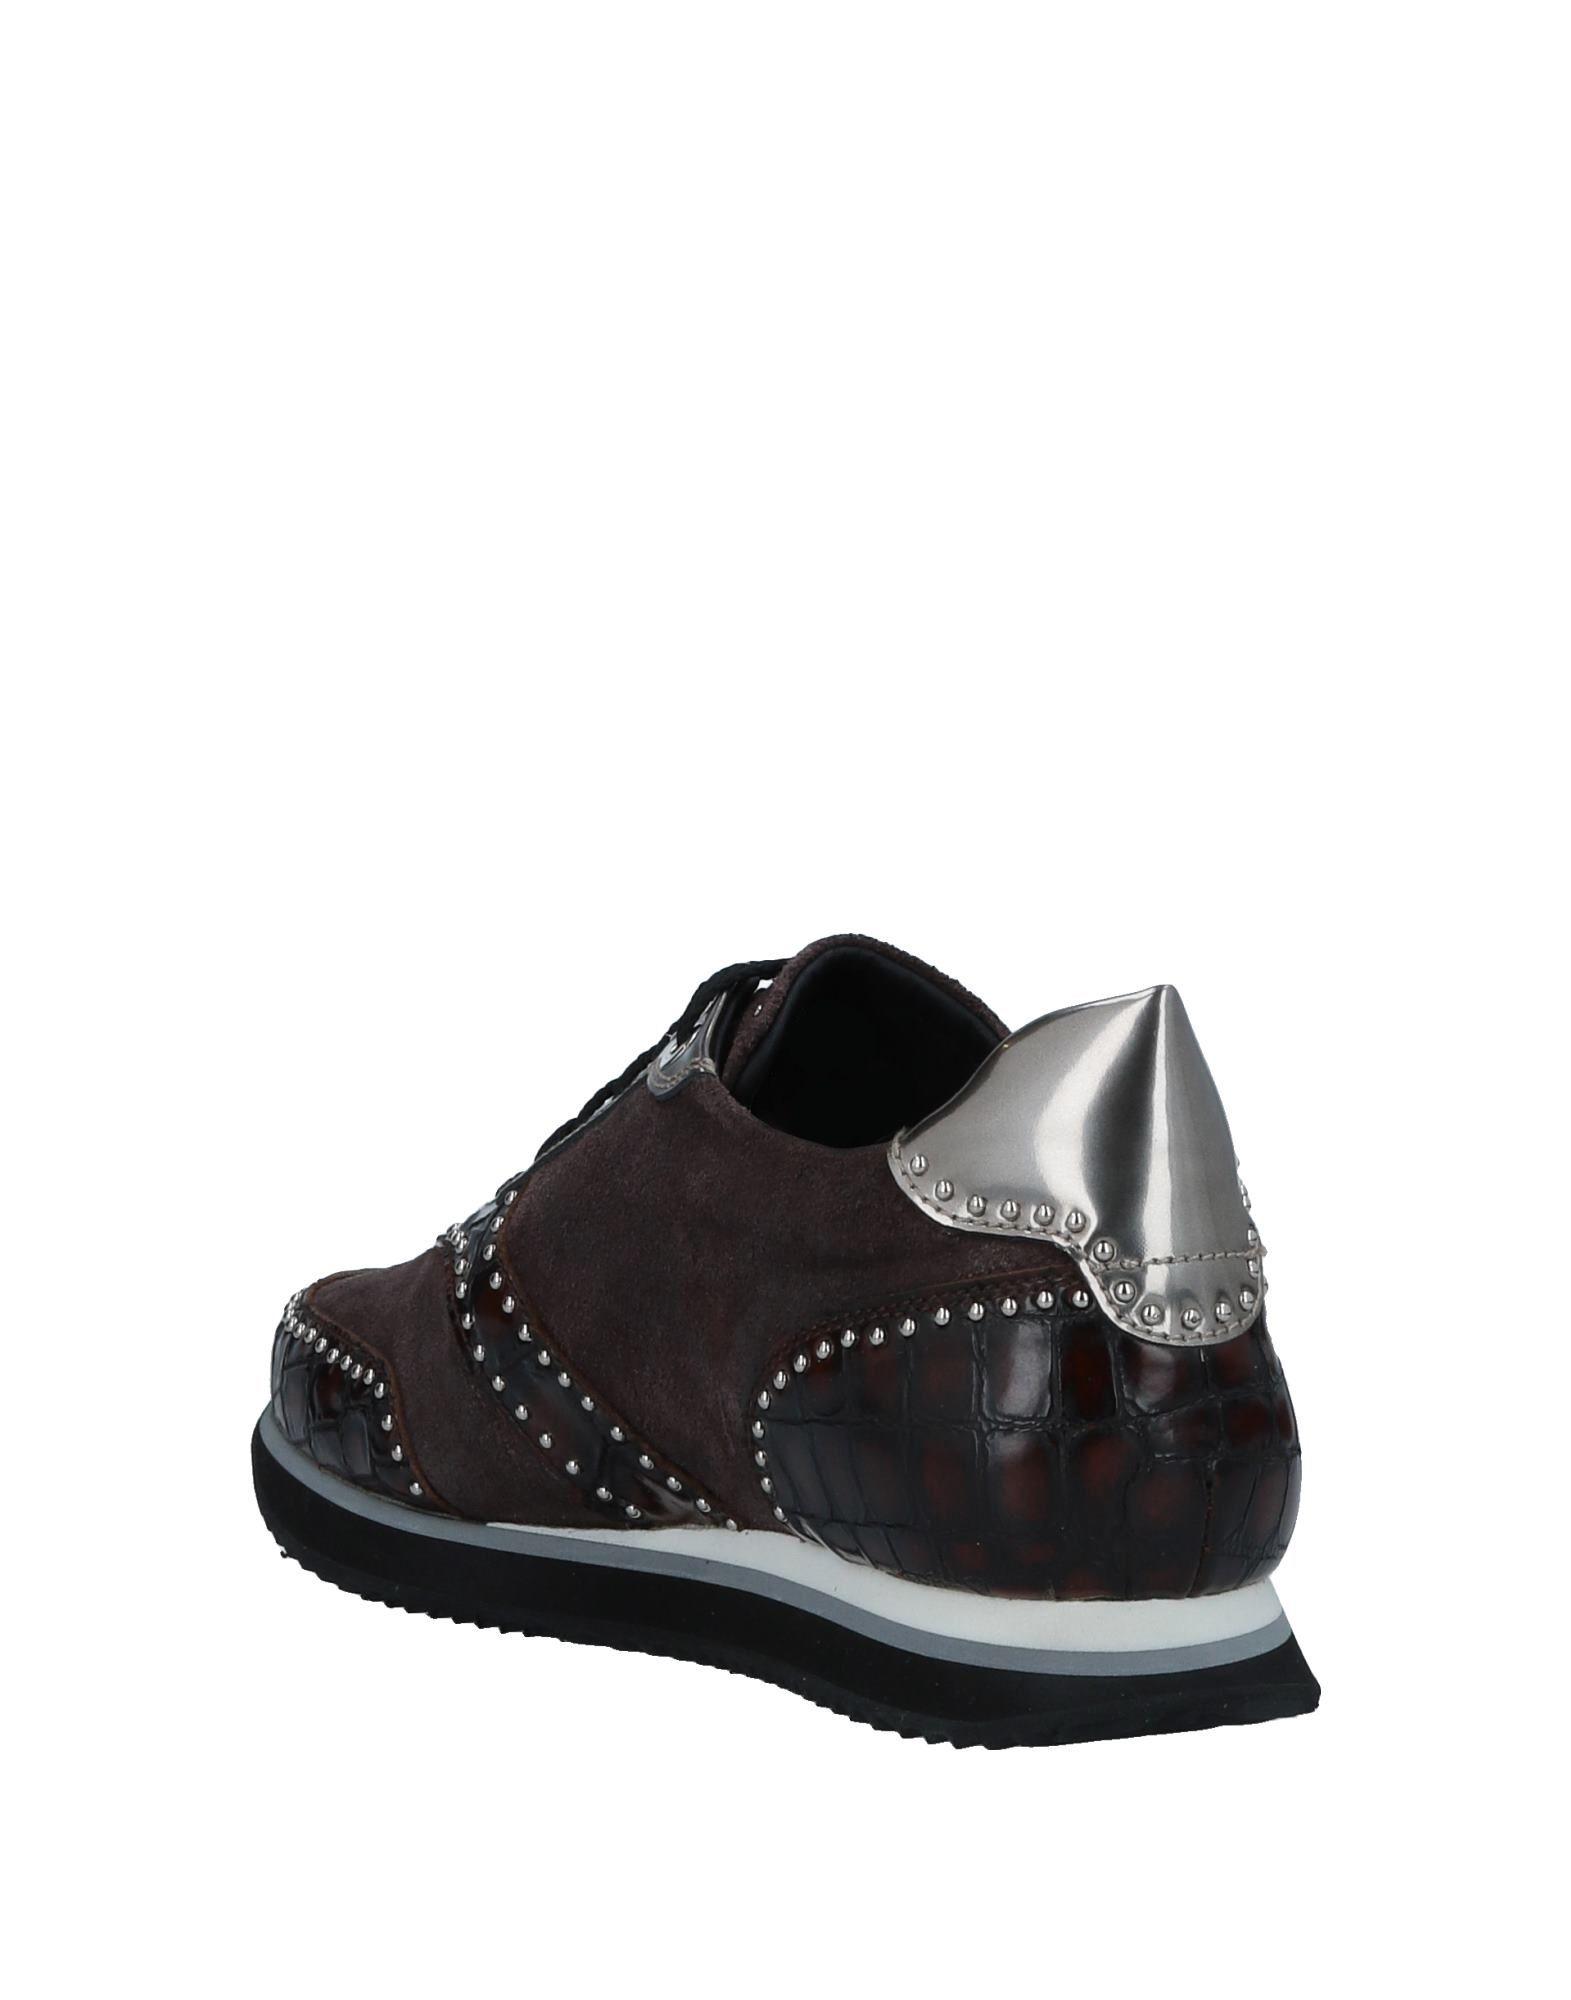 Stilvolle billige Schuhe Pertini Sneakers 11534827EG Damen  11534827EG Sneakers 155f74